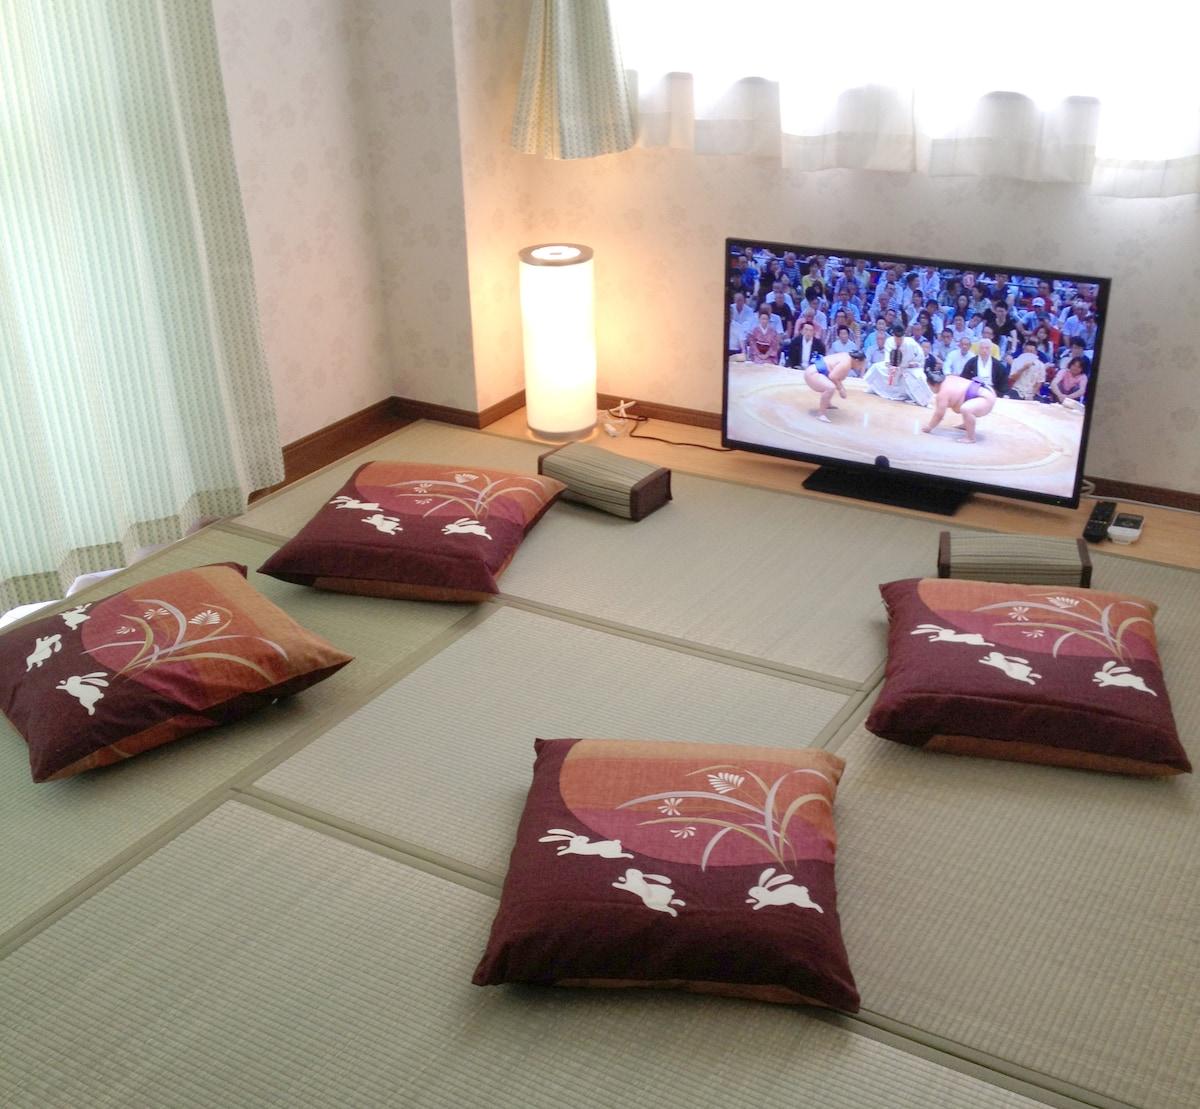 A tatami mat room